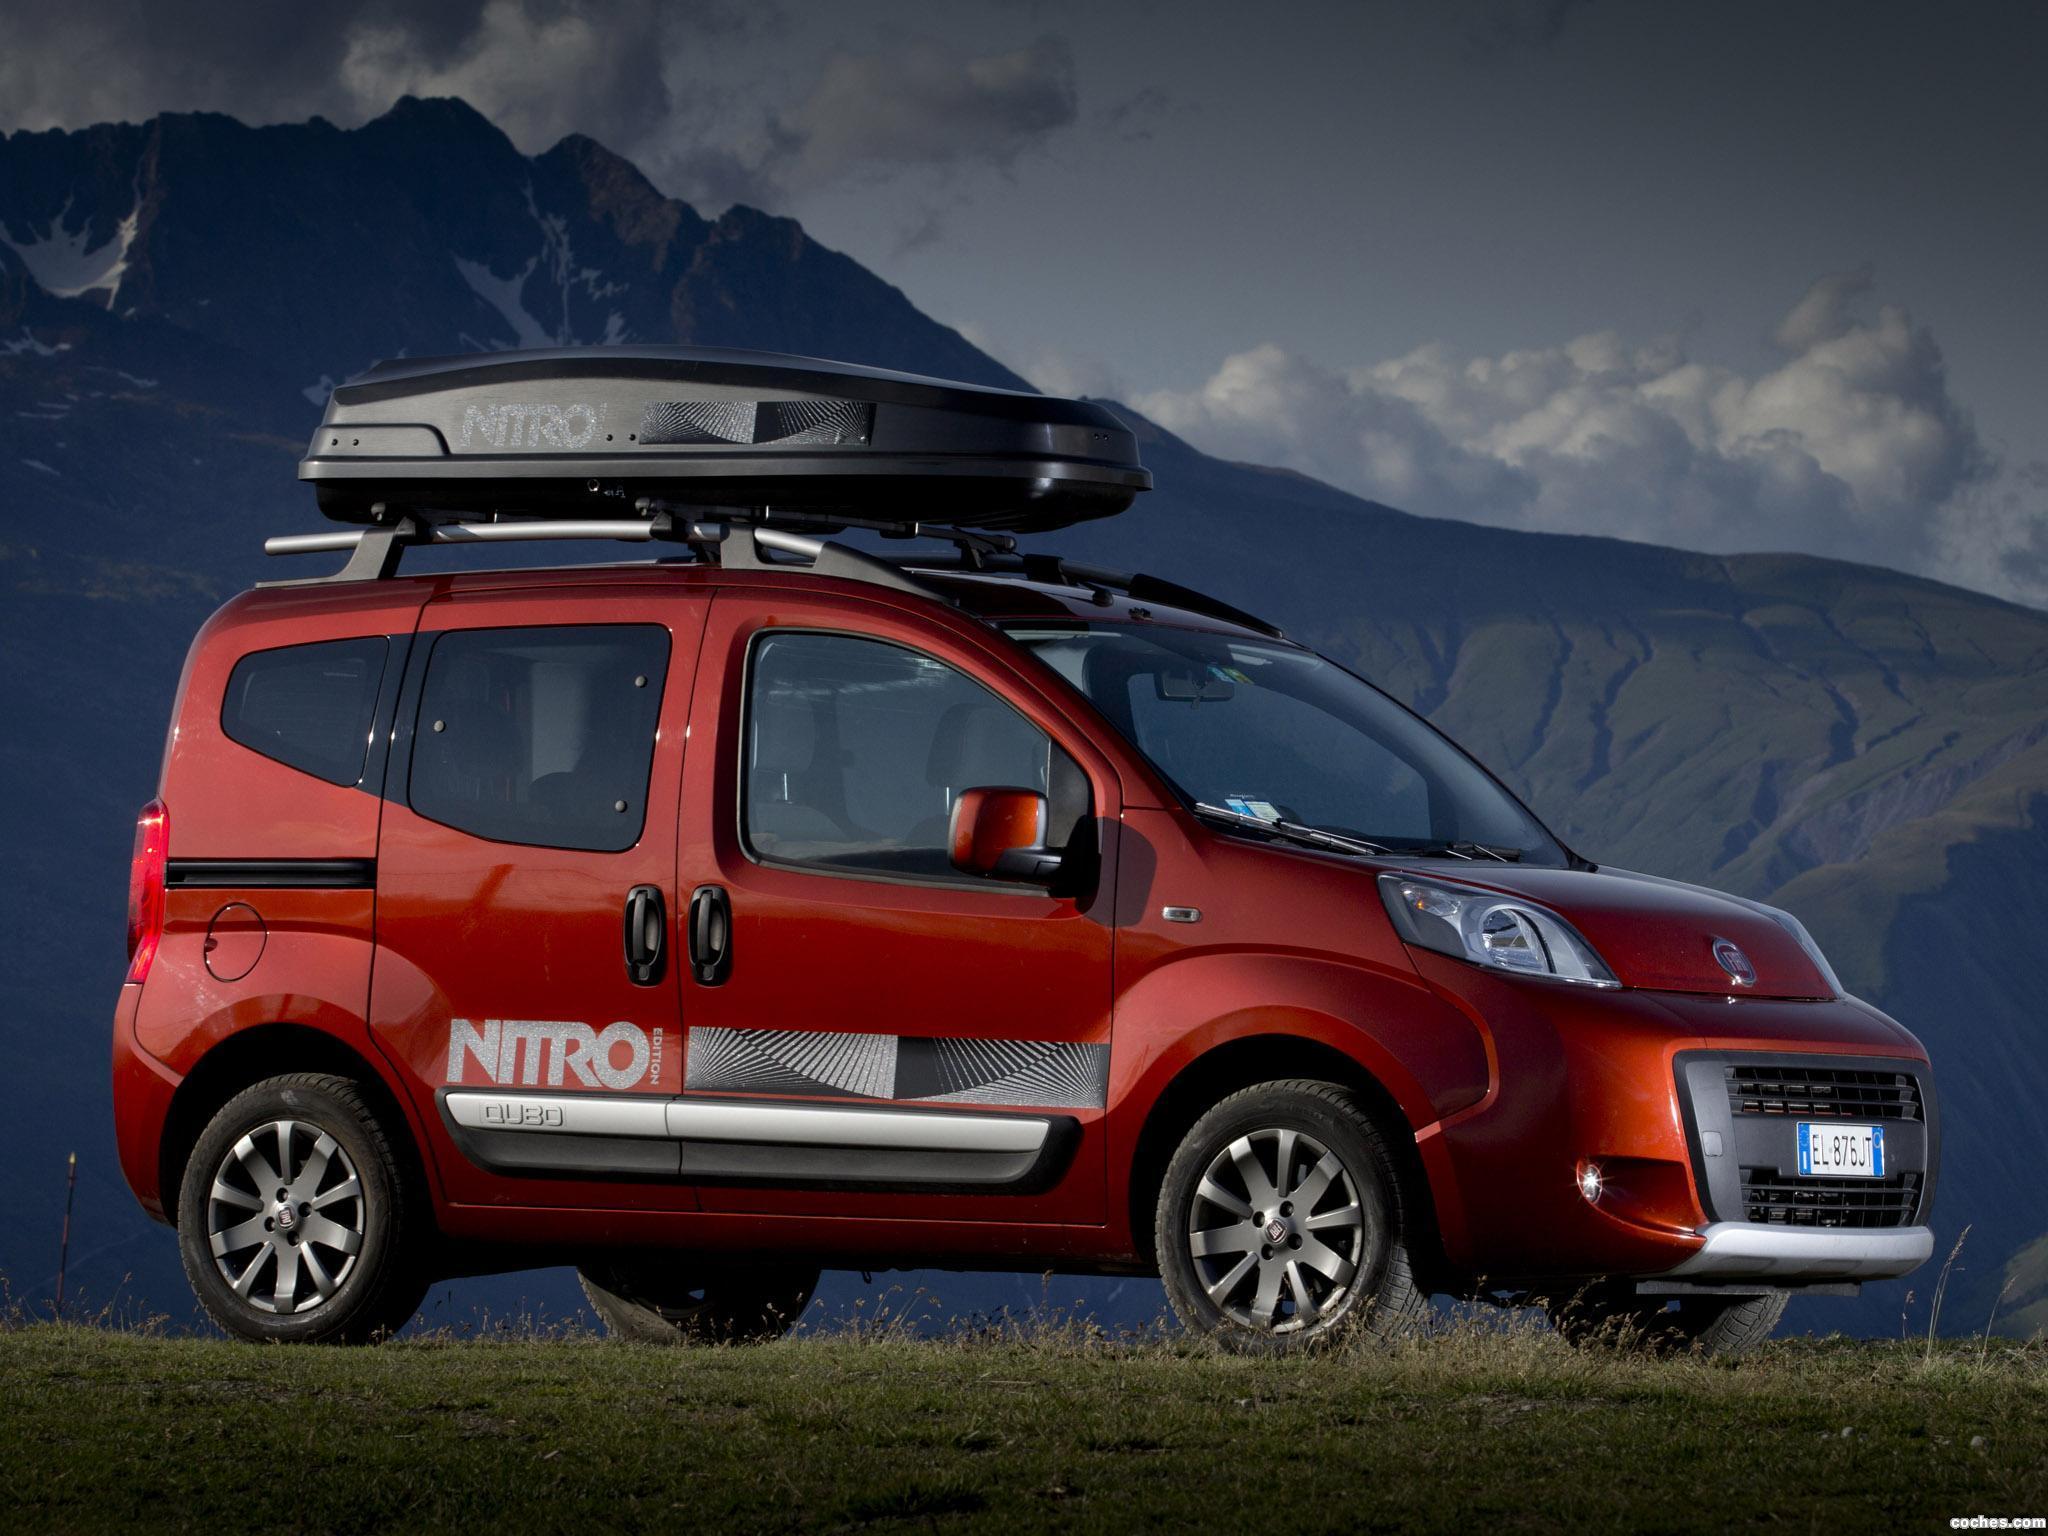 Foto 0 de Fiat Qubo Trekking Nitro 225 2012